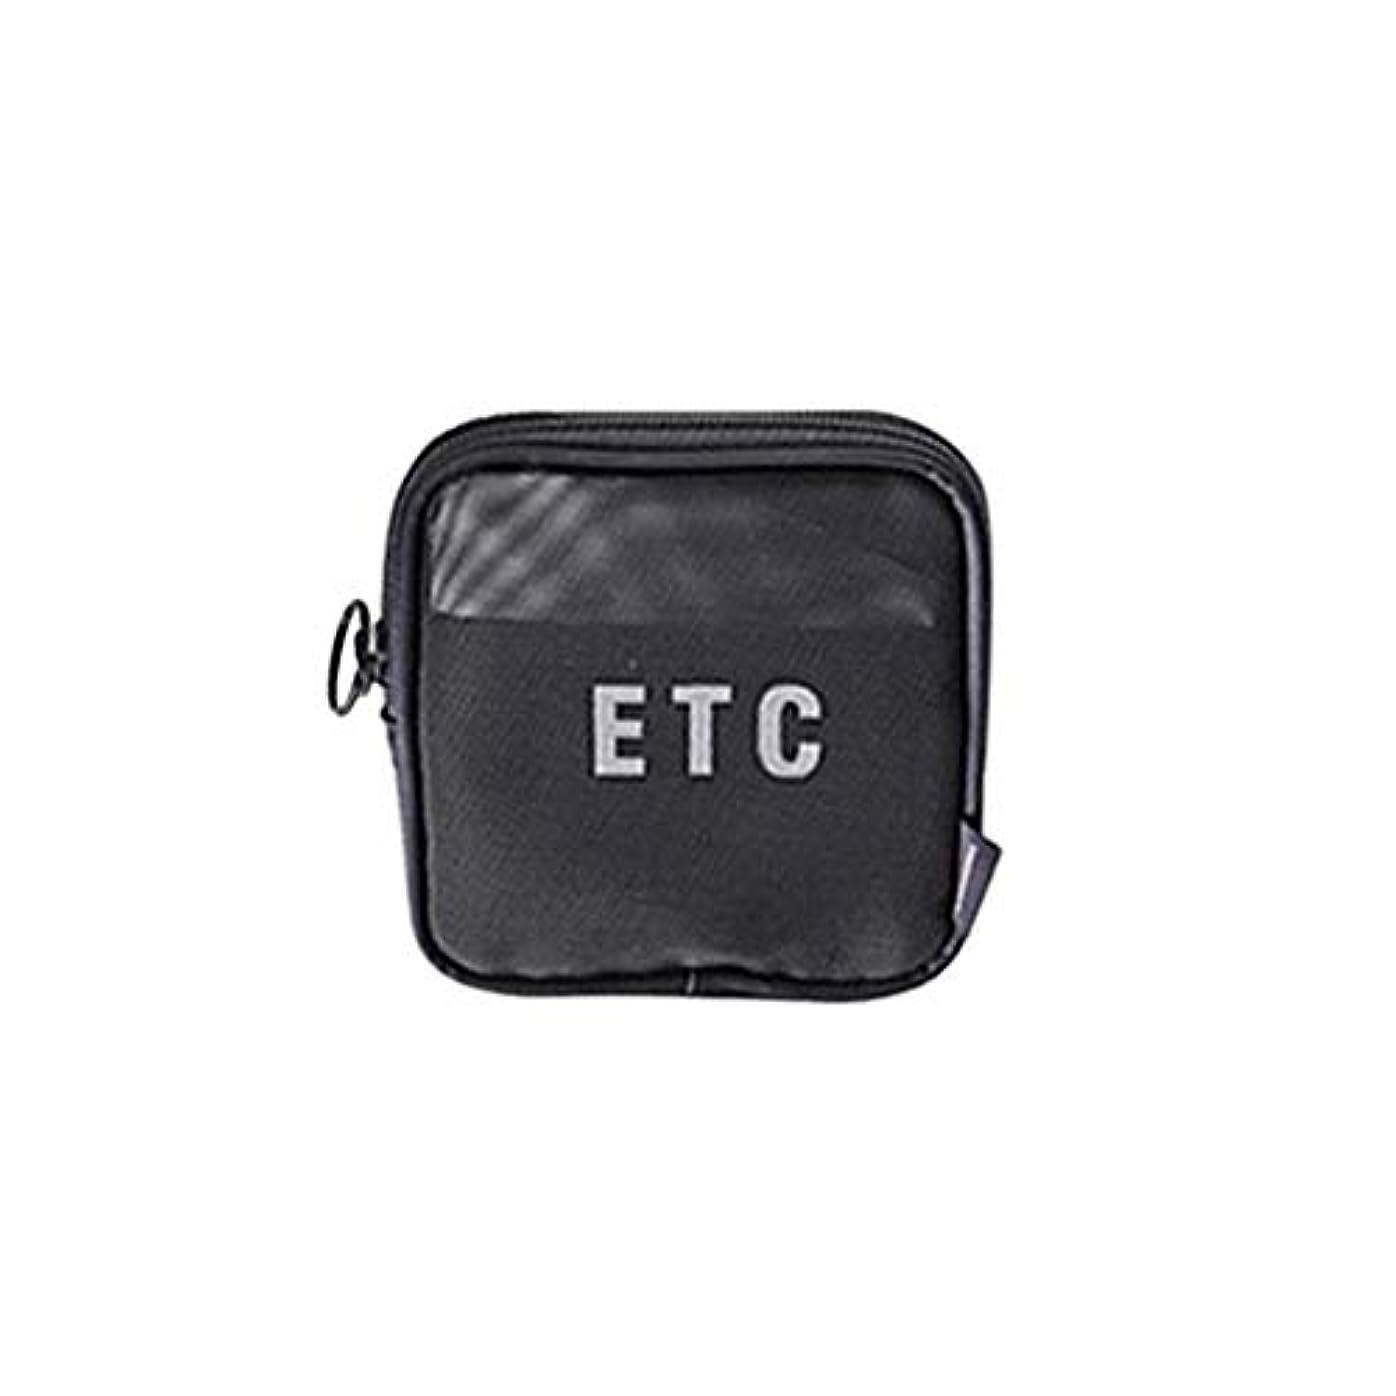 航空便モーター悩むメイクバッグ Akane ETC 新しい ネット アウトドア 実用的 高品質 多機能 通気 半透明 便利 家用 旅行 ビーチ 化粧バッグ (スモールサイズ)